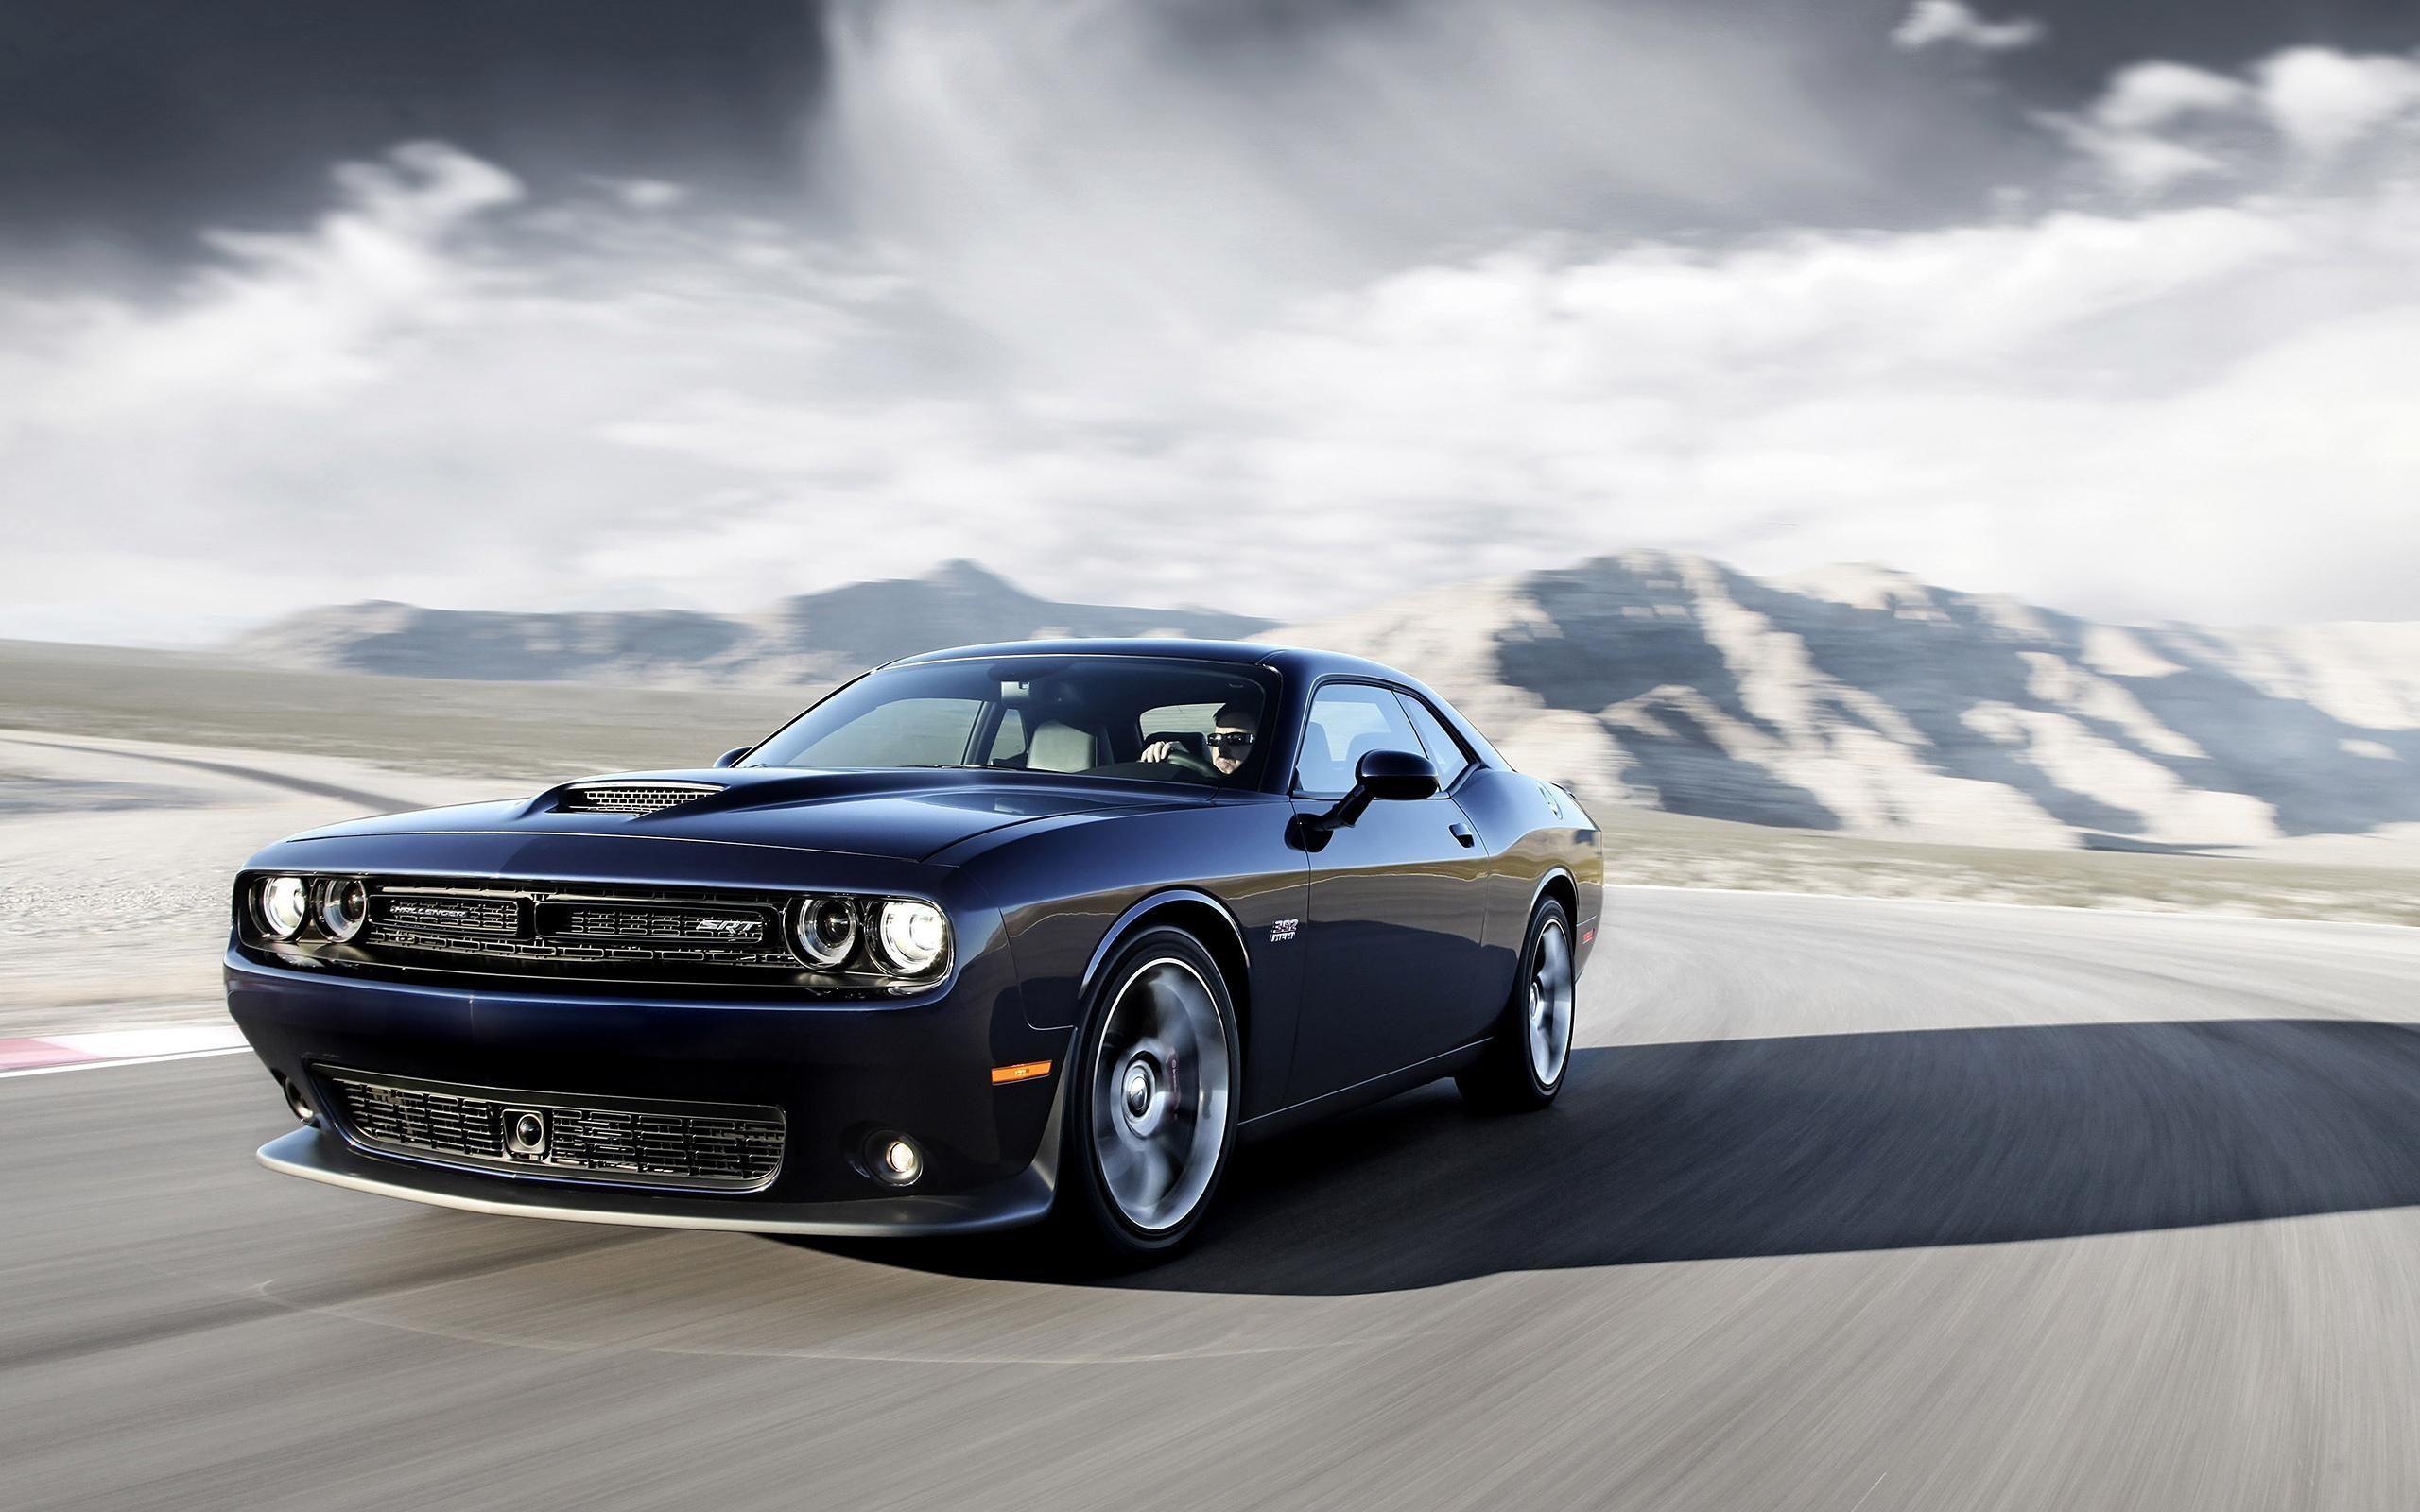 Dodge Challenger Srt Hellcat Wallpapers 73 Pictures